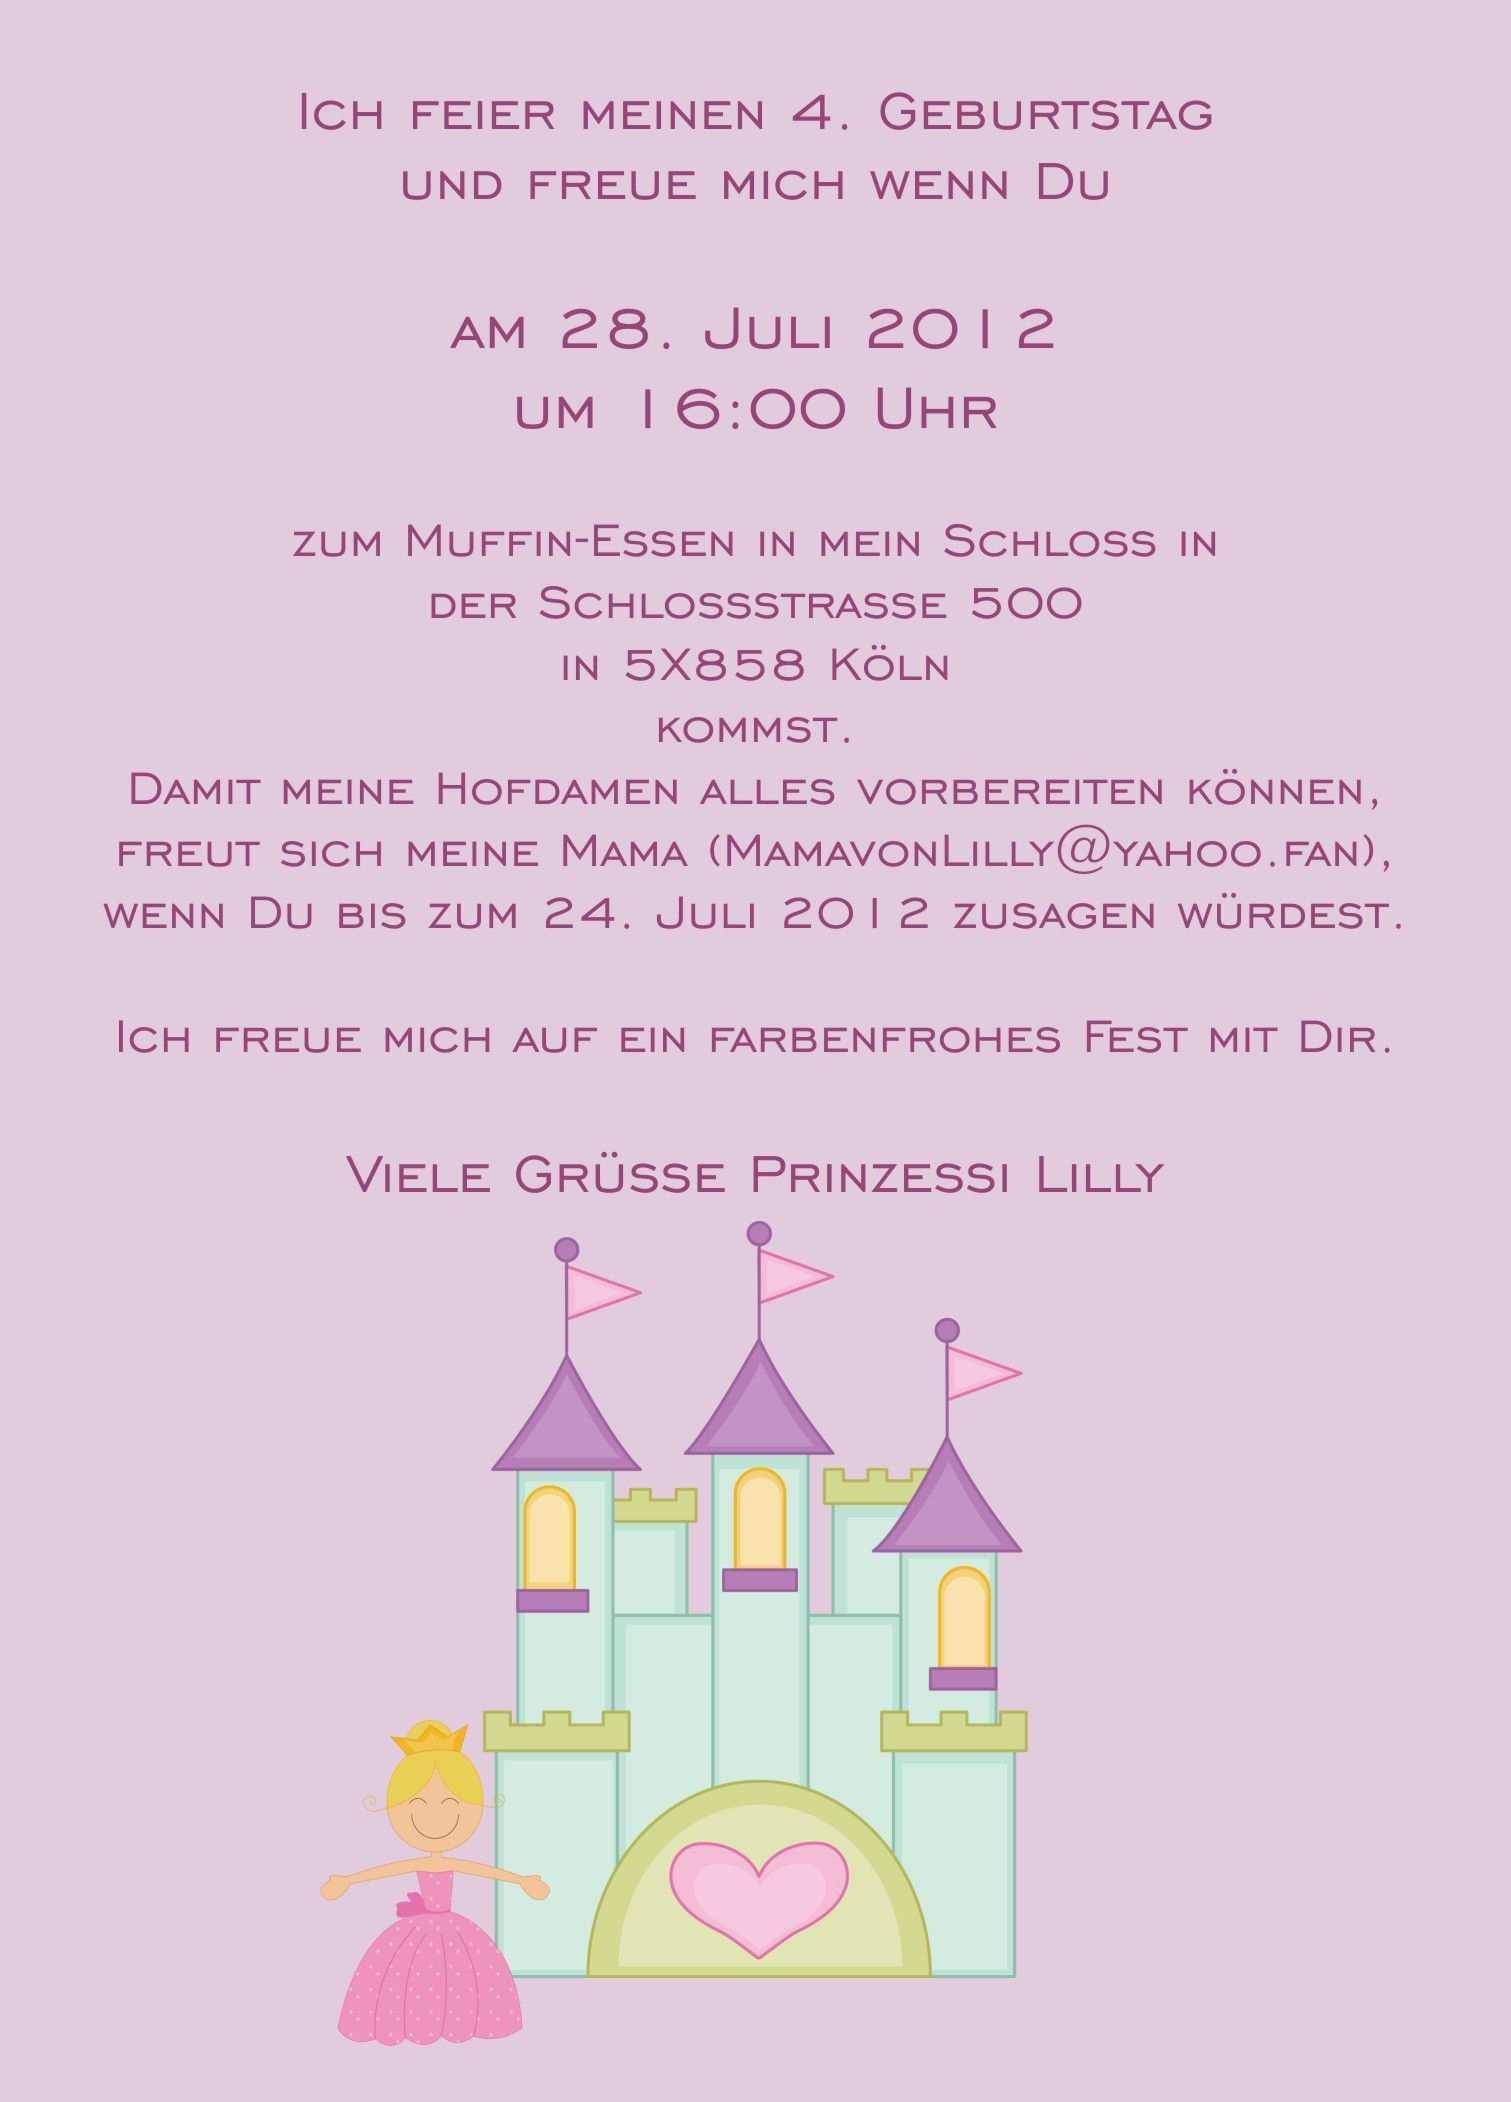 Einladung Kindergeburtstag Text Schatzsuche Elegant Geburtstag Ei In 2020 Einladung Kindergeburtstag Text Einladung Kindergeburtstag Vorlage Einladung Kindergeburtstag